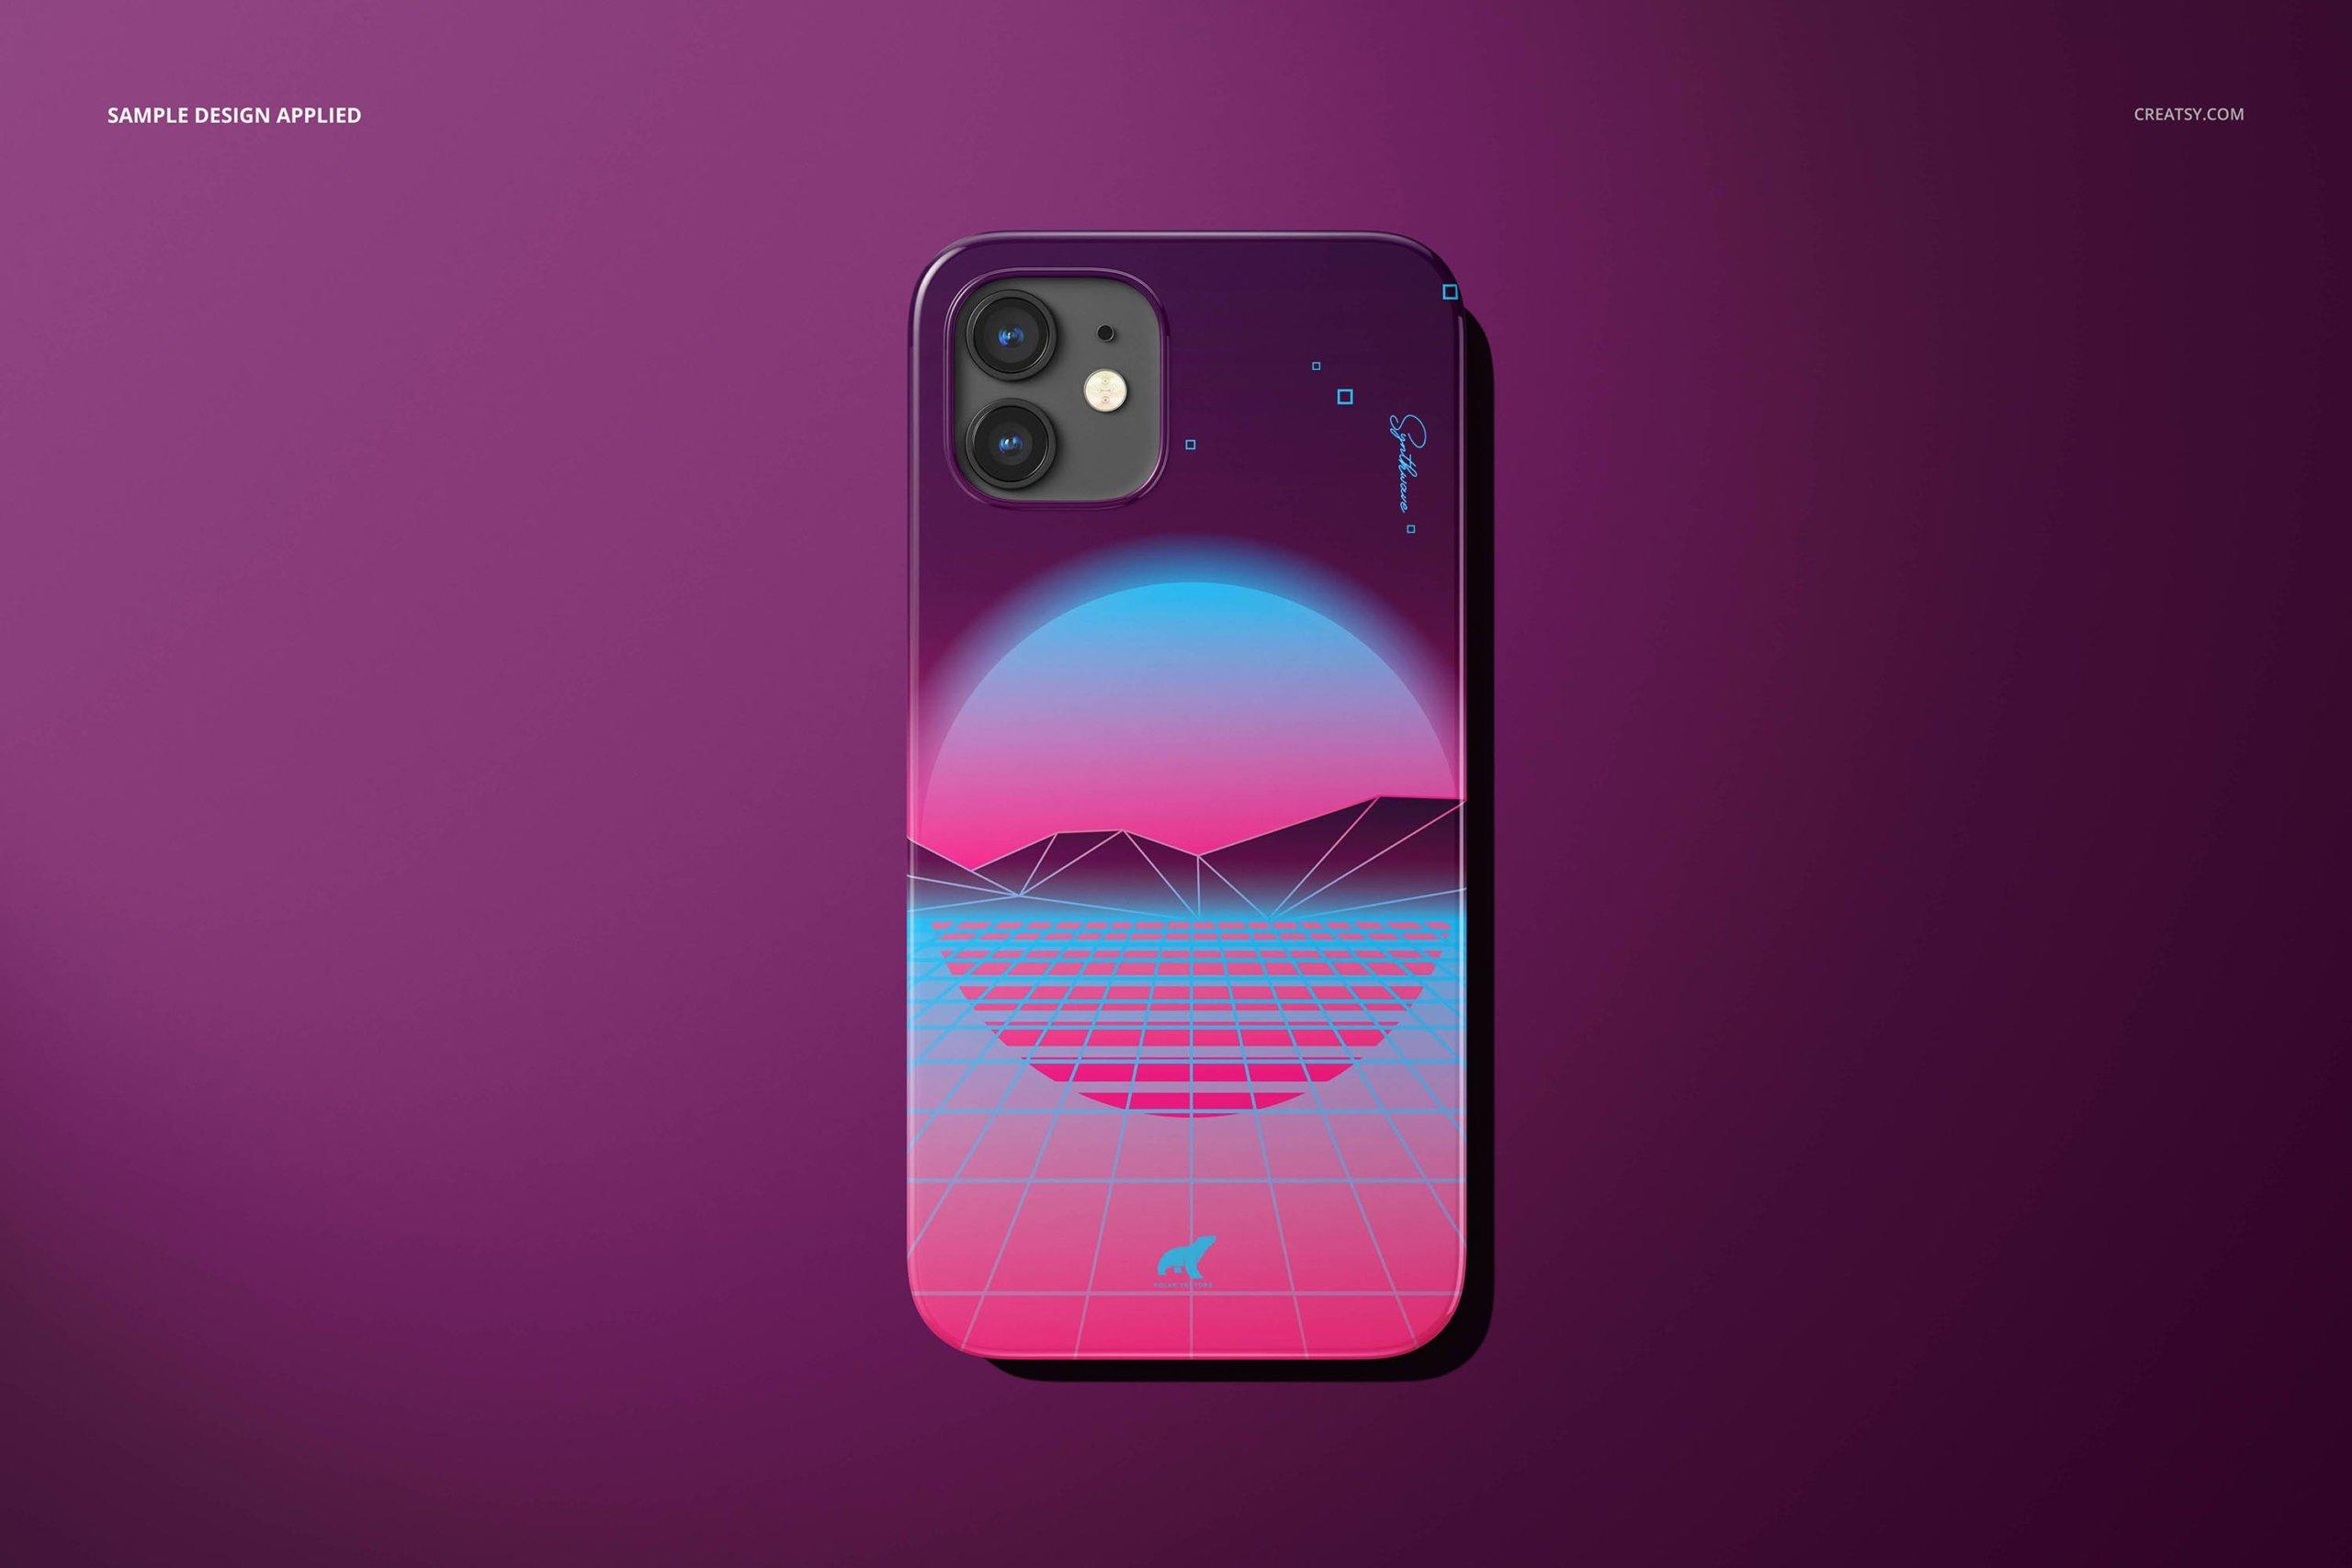 [单独购买] 26款时尚光滑苹果iPhone 12手机保护壳设计PS贴图样机模板素材 iPhone 12 Glossy Snap Case 1 Mockup插图28